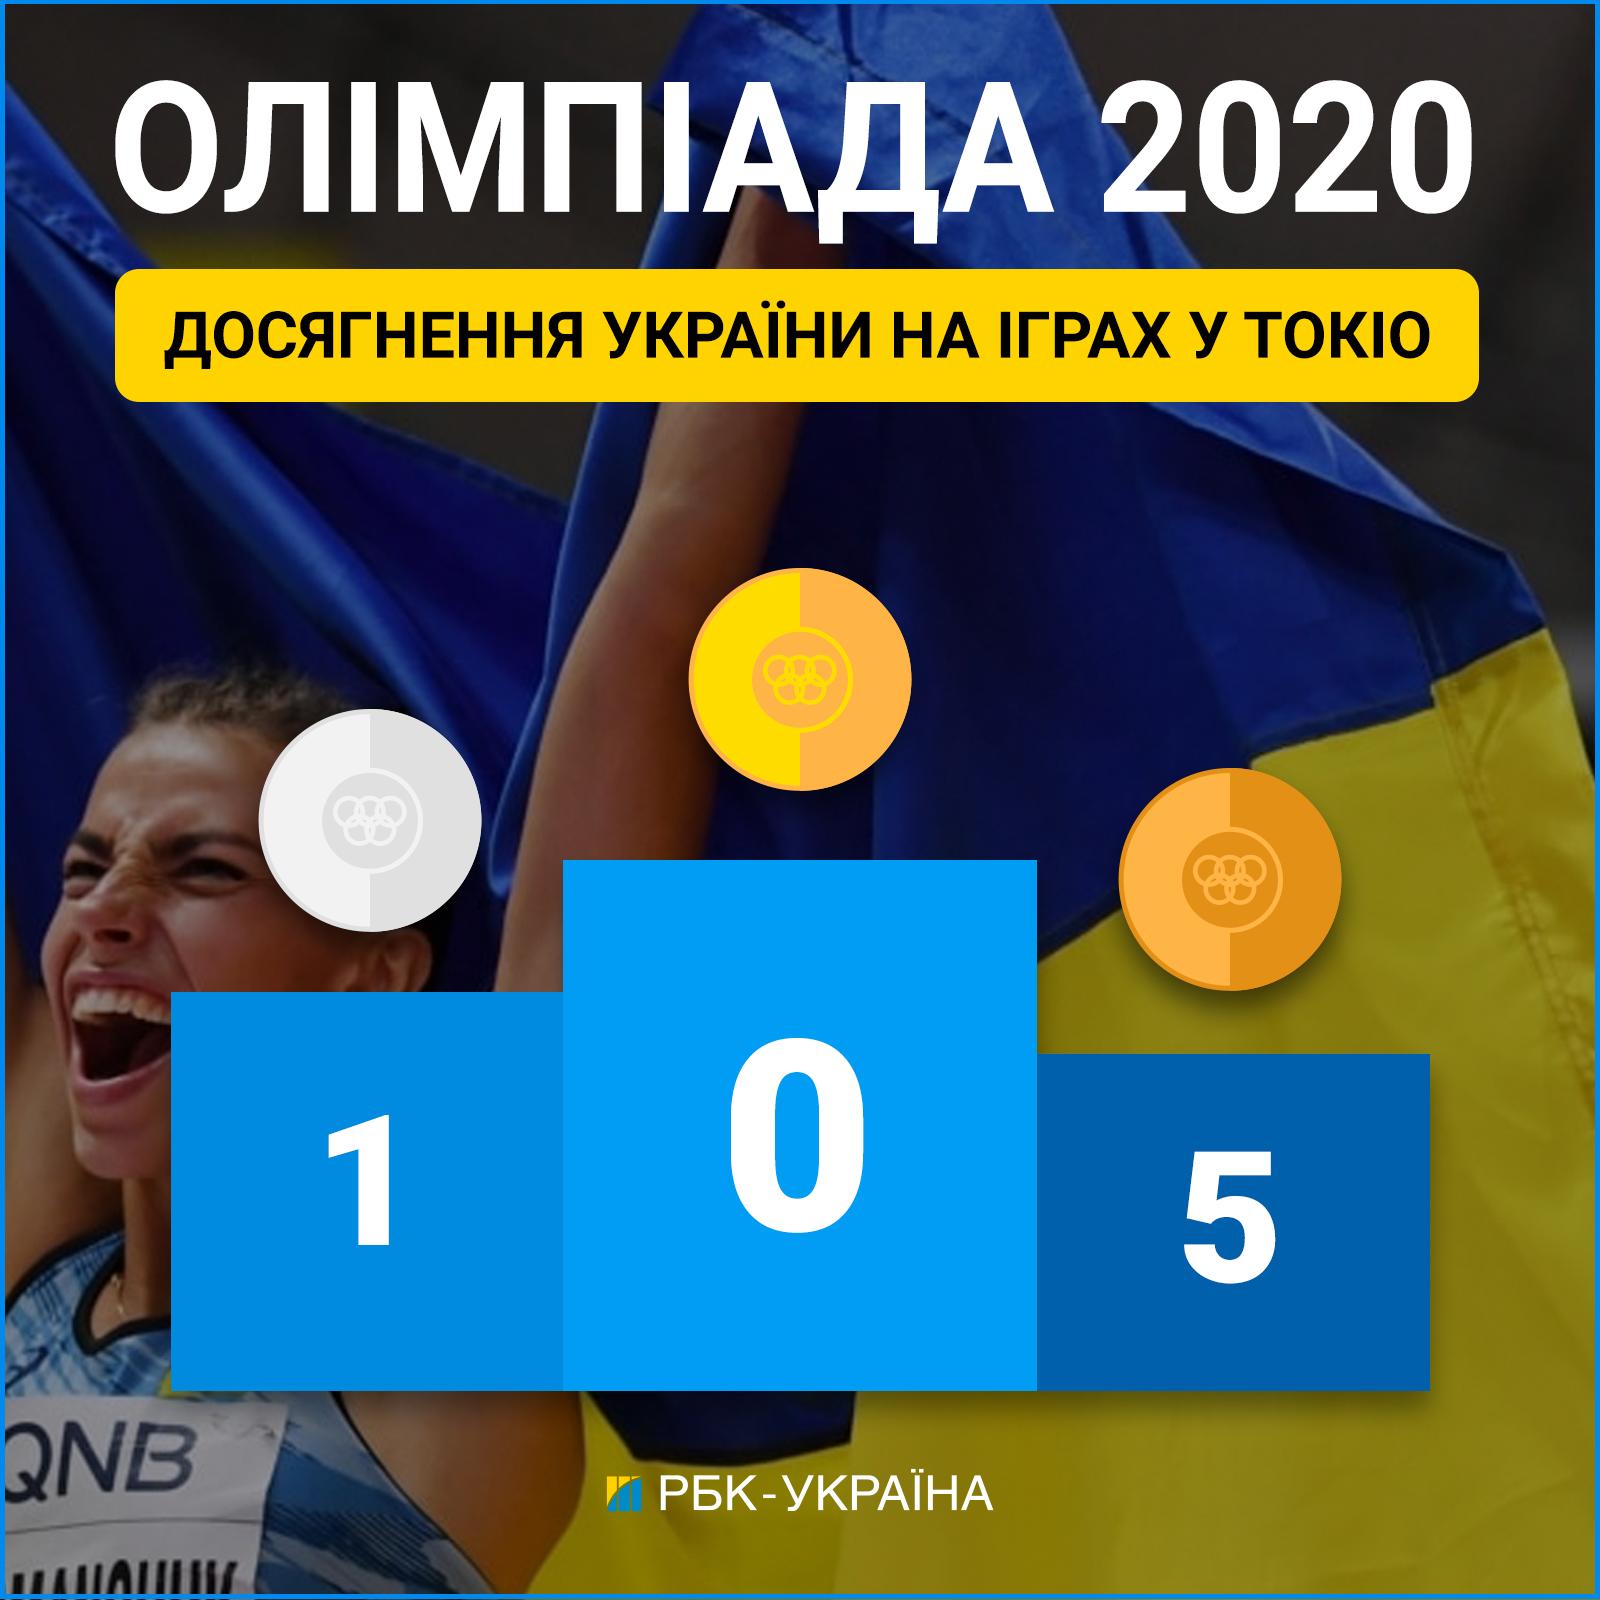 Тяжелоатлетка Деха не смогла зацепиться за медаль ОИ-2020: после рывка она была второй